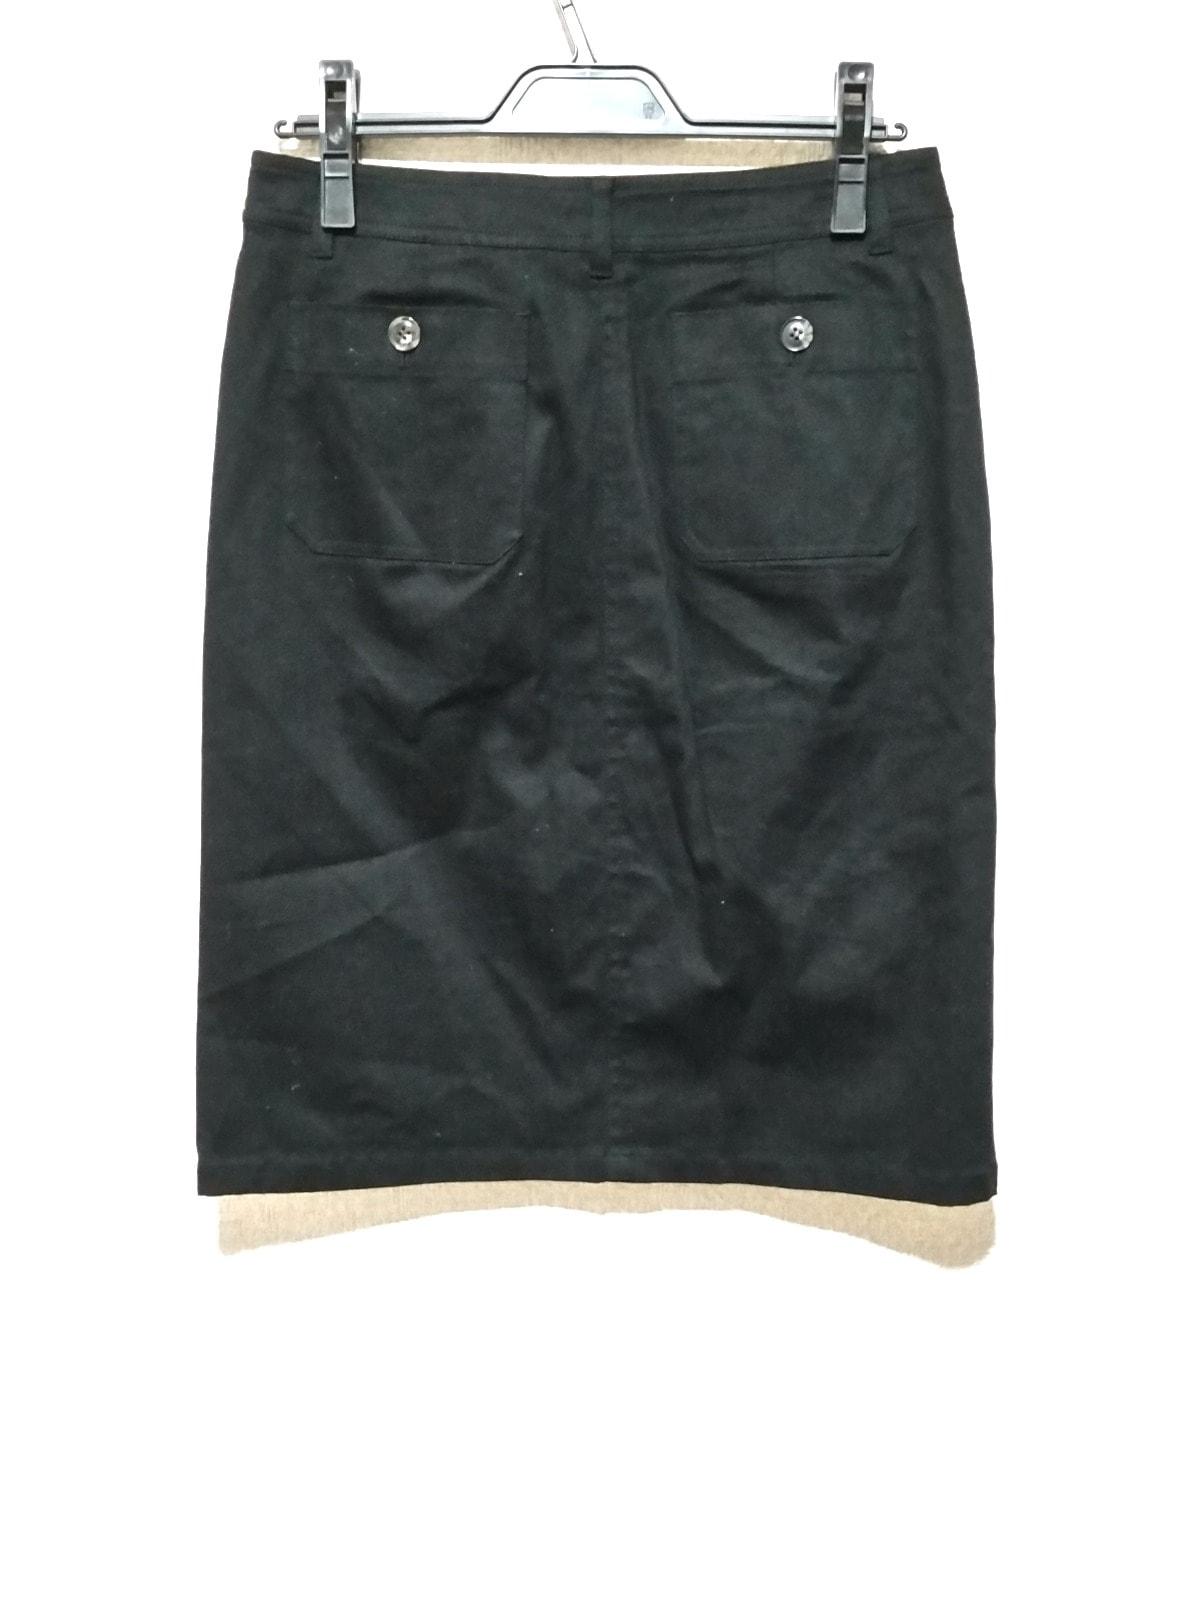 DoCLASSE(ドゥクラッセ)のスカート